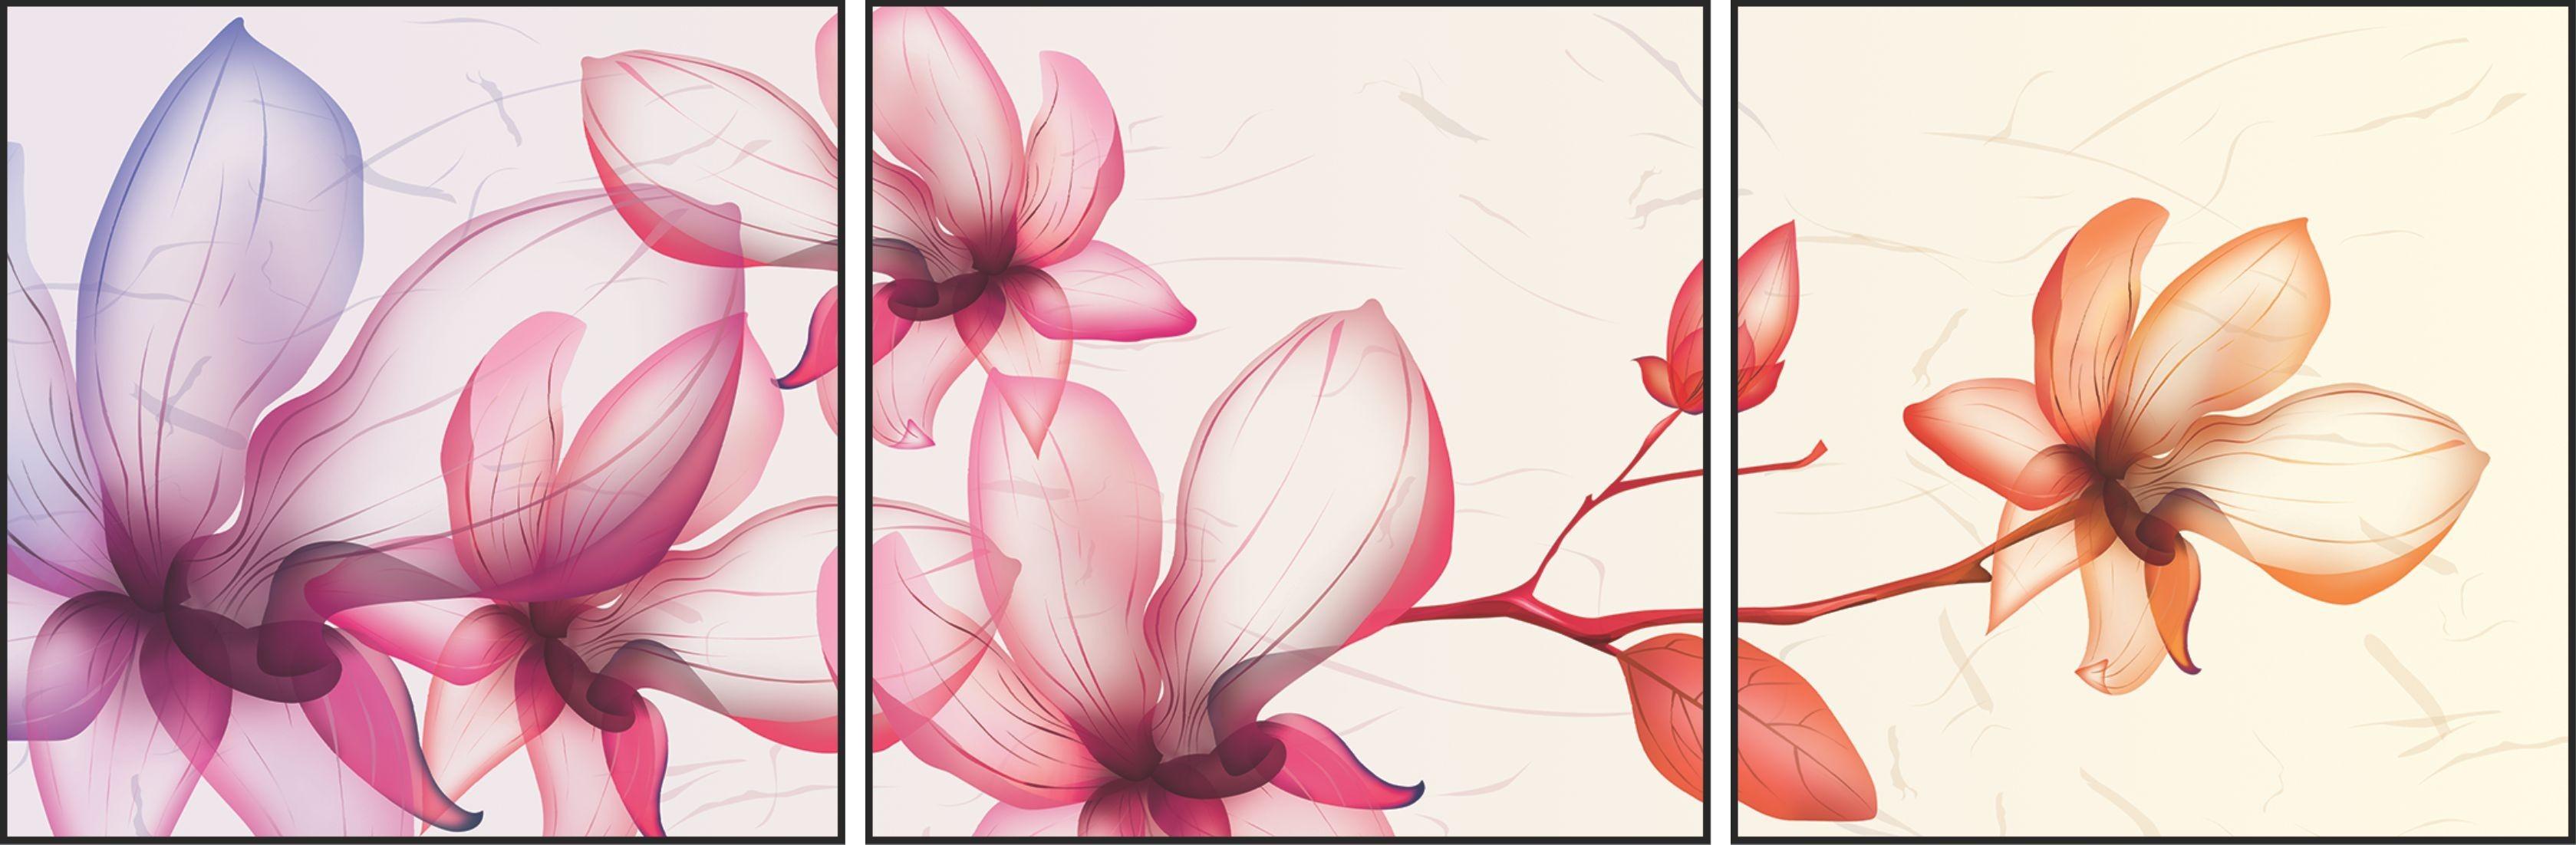 Quadros 3D com flores e moldura em alumínio